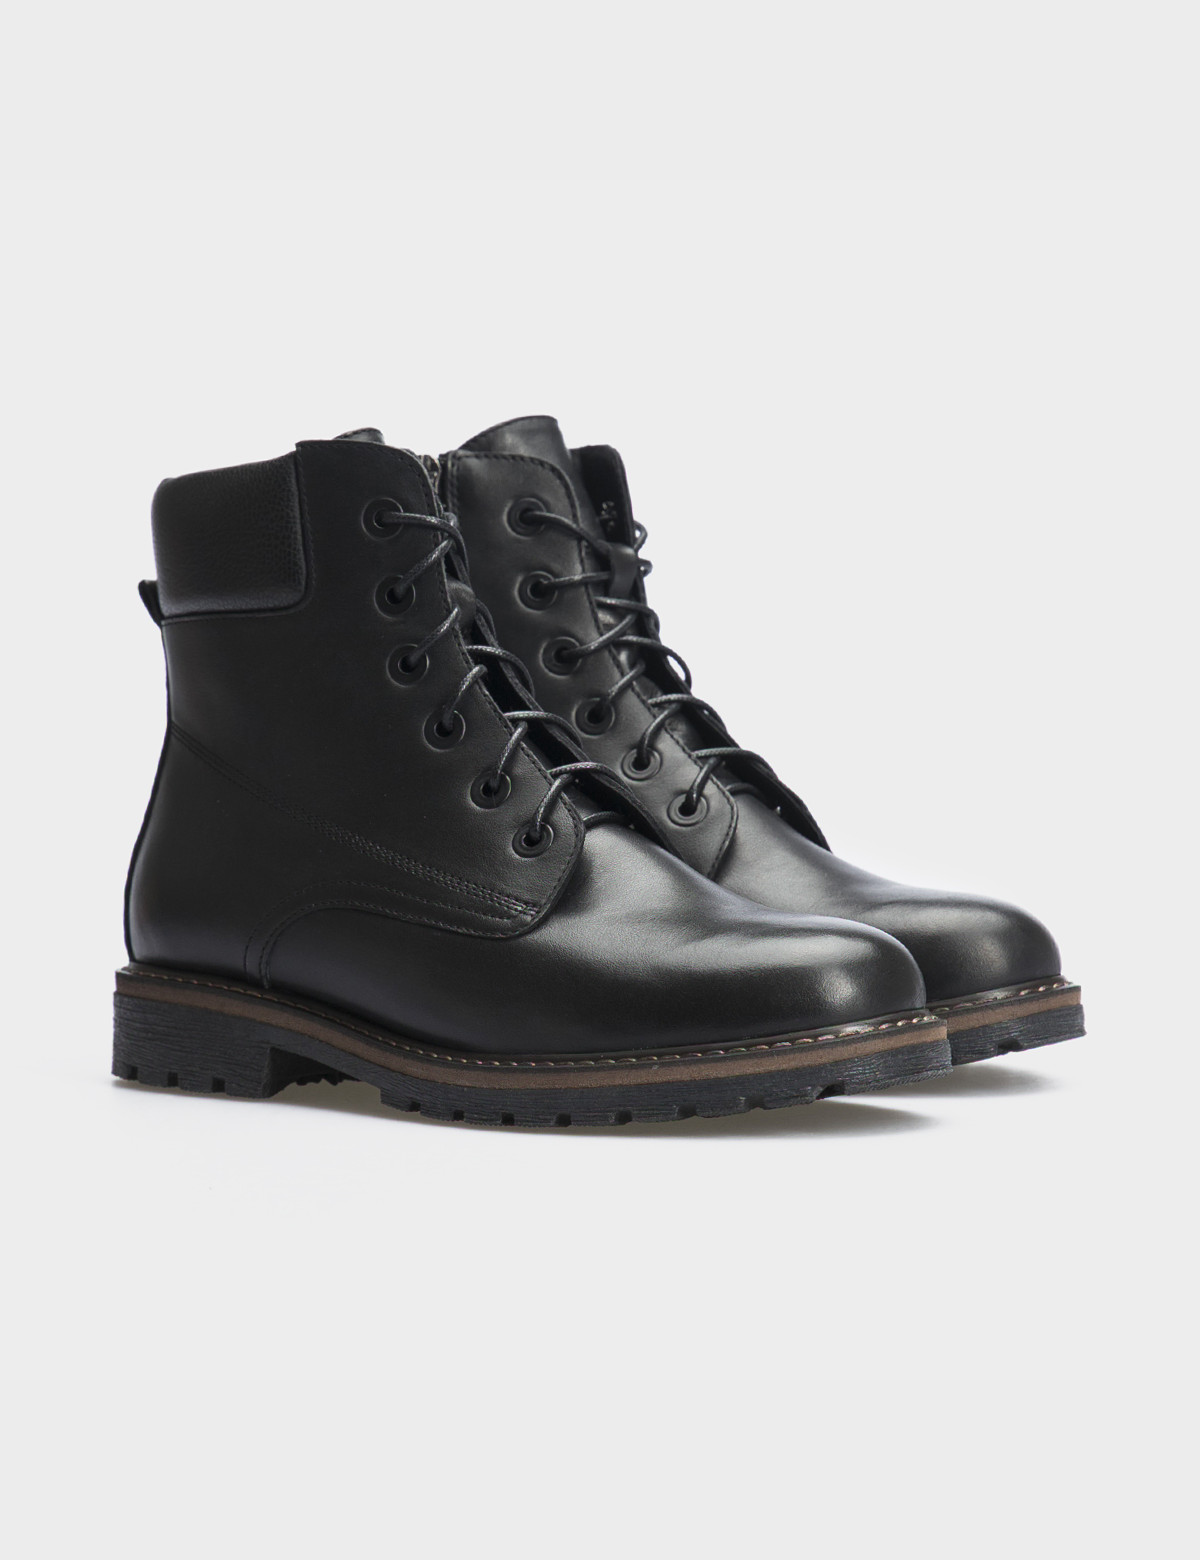 Ботинки черные натуральная кожа. Шерсть1